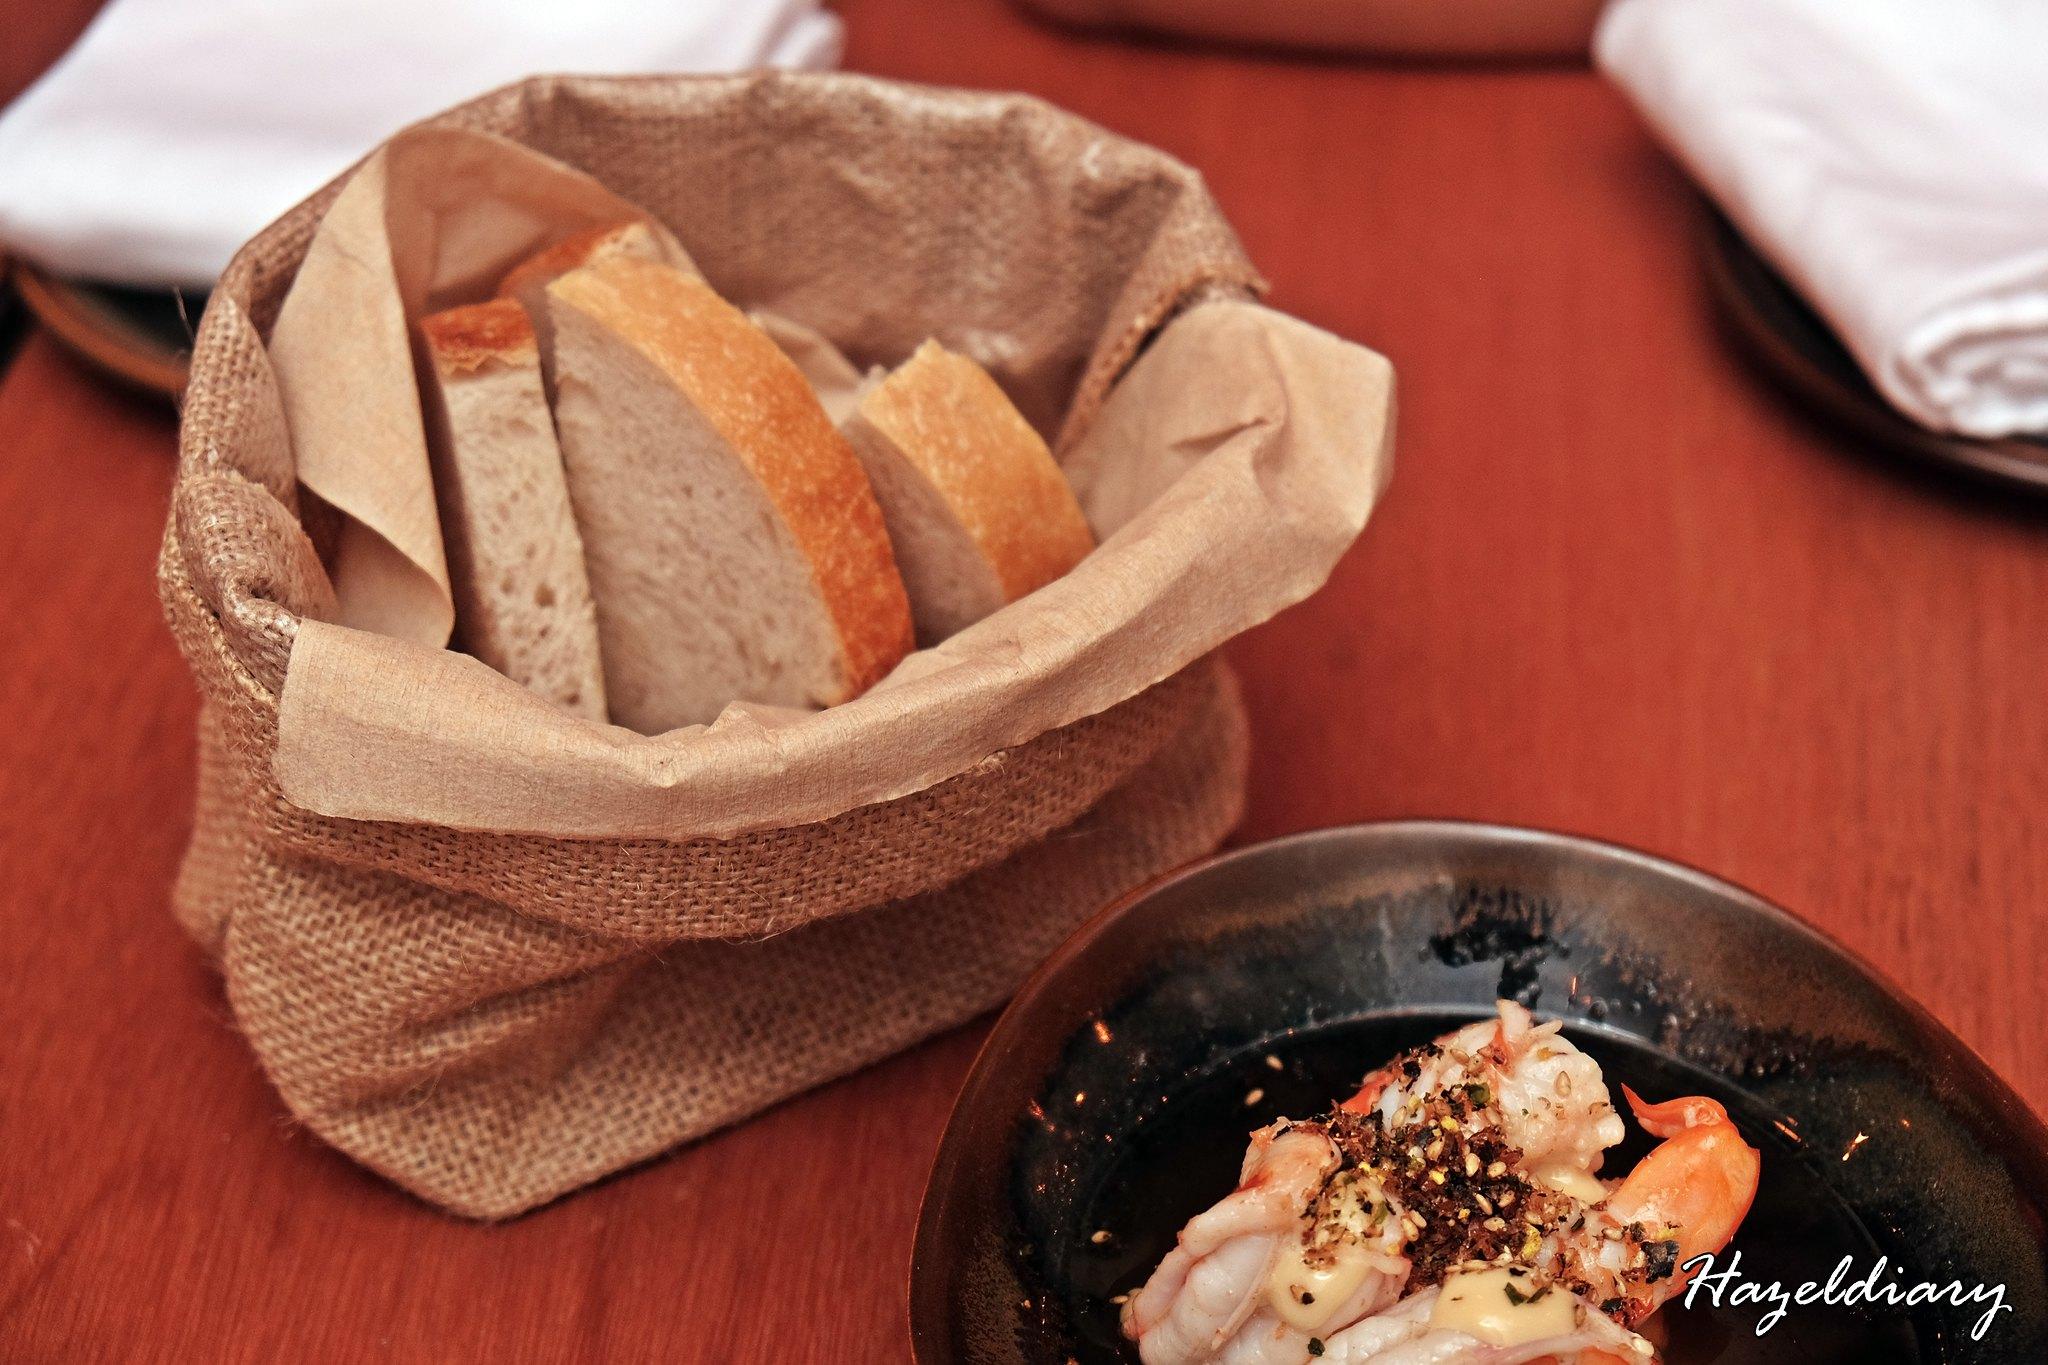 Kinou Tras Street-Prawning Spot with Bread